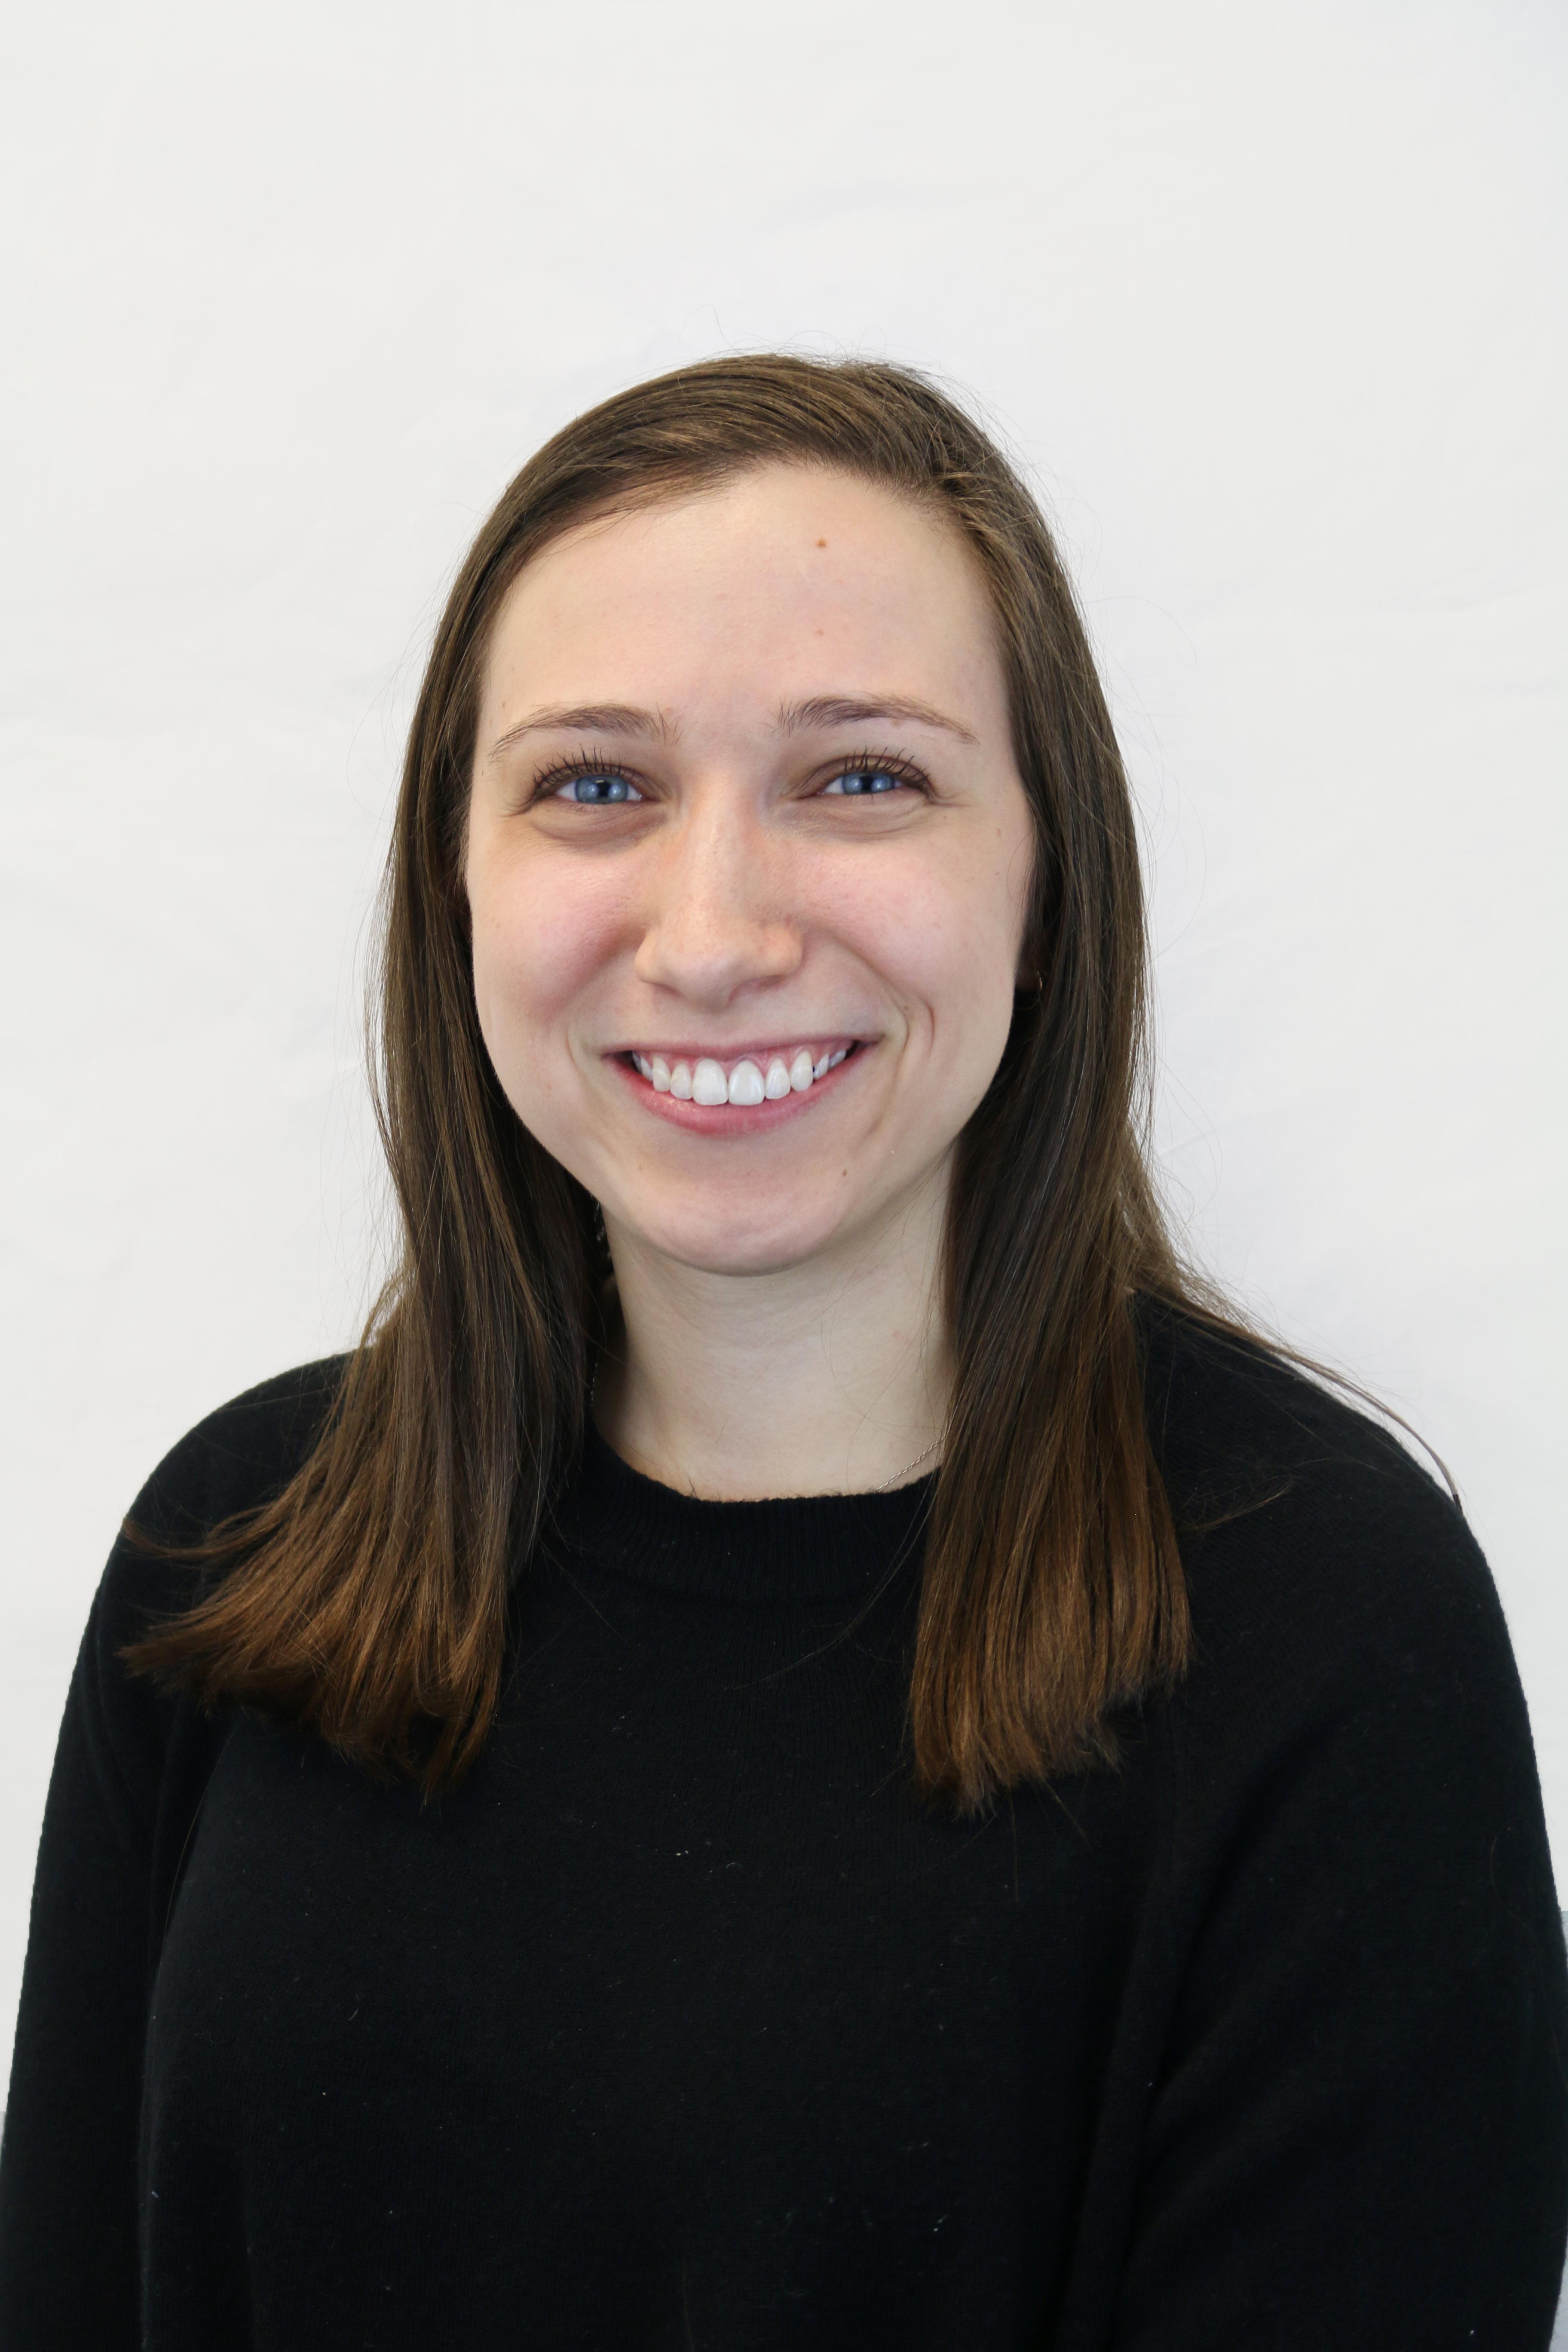 Headshot of Alyssa Barzach